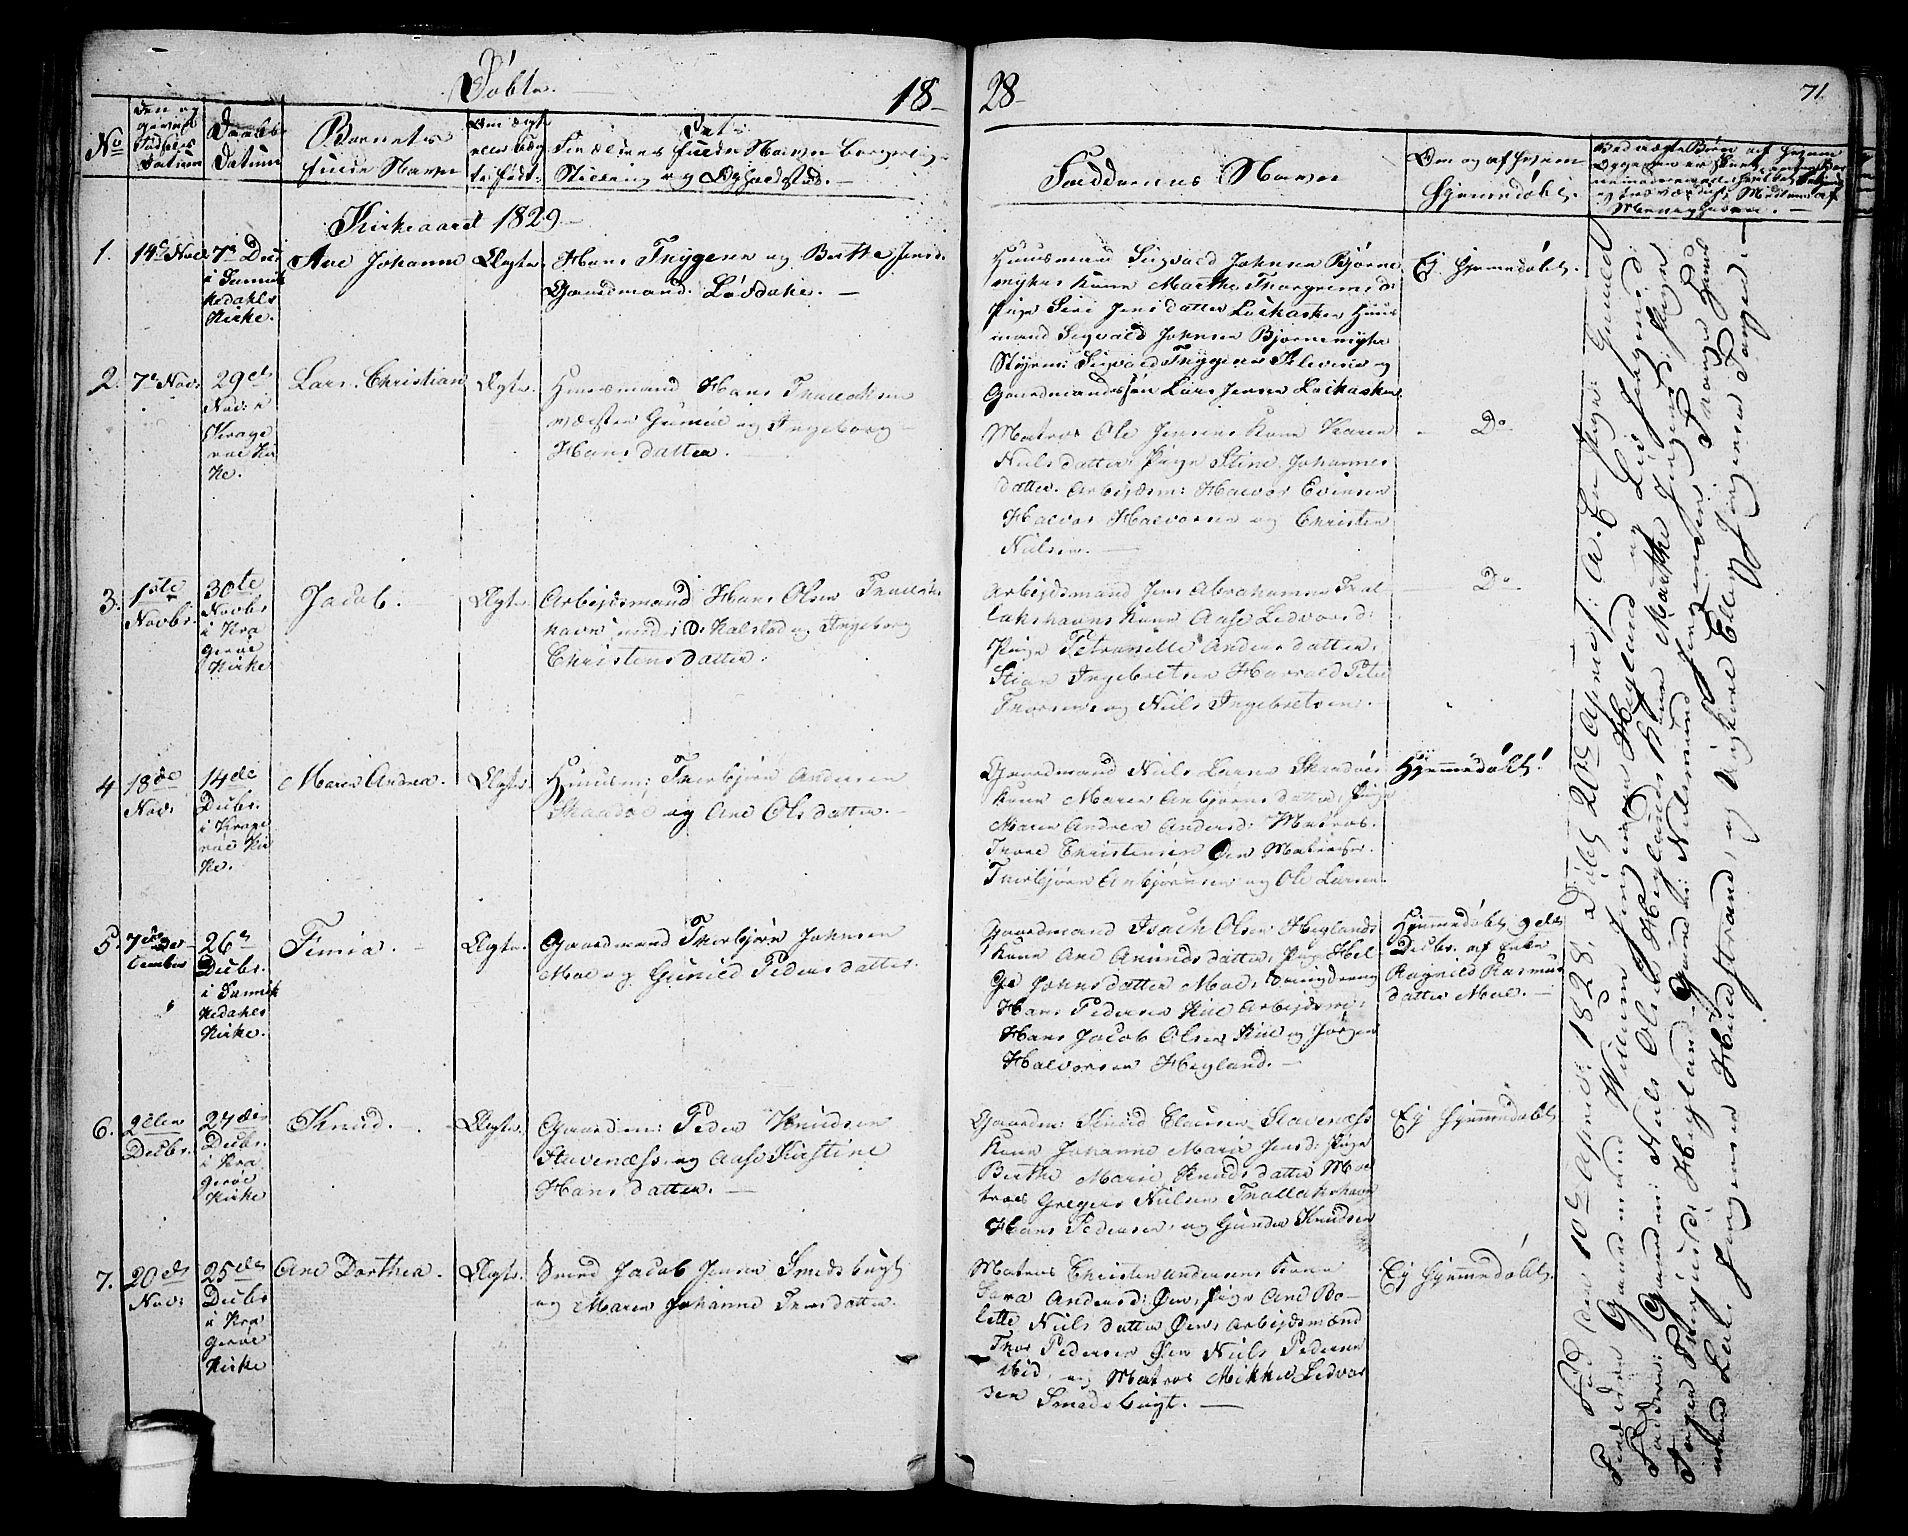 SAKO, Sannidal kirkebøker, F/Fa/L0005: Ministerialbok nr. 5, 1823-1830, s. 71